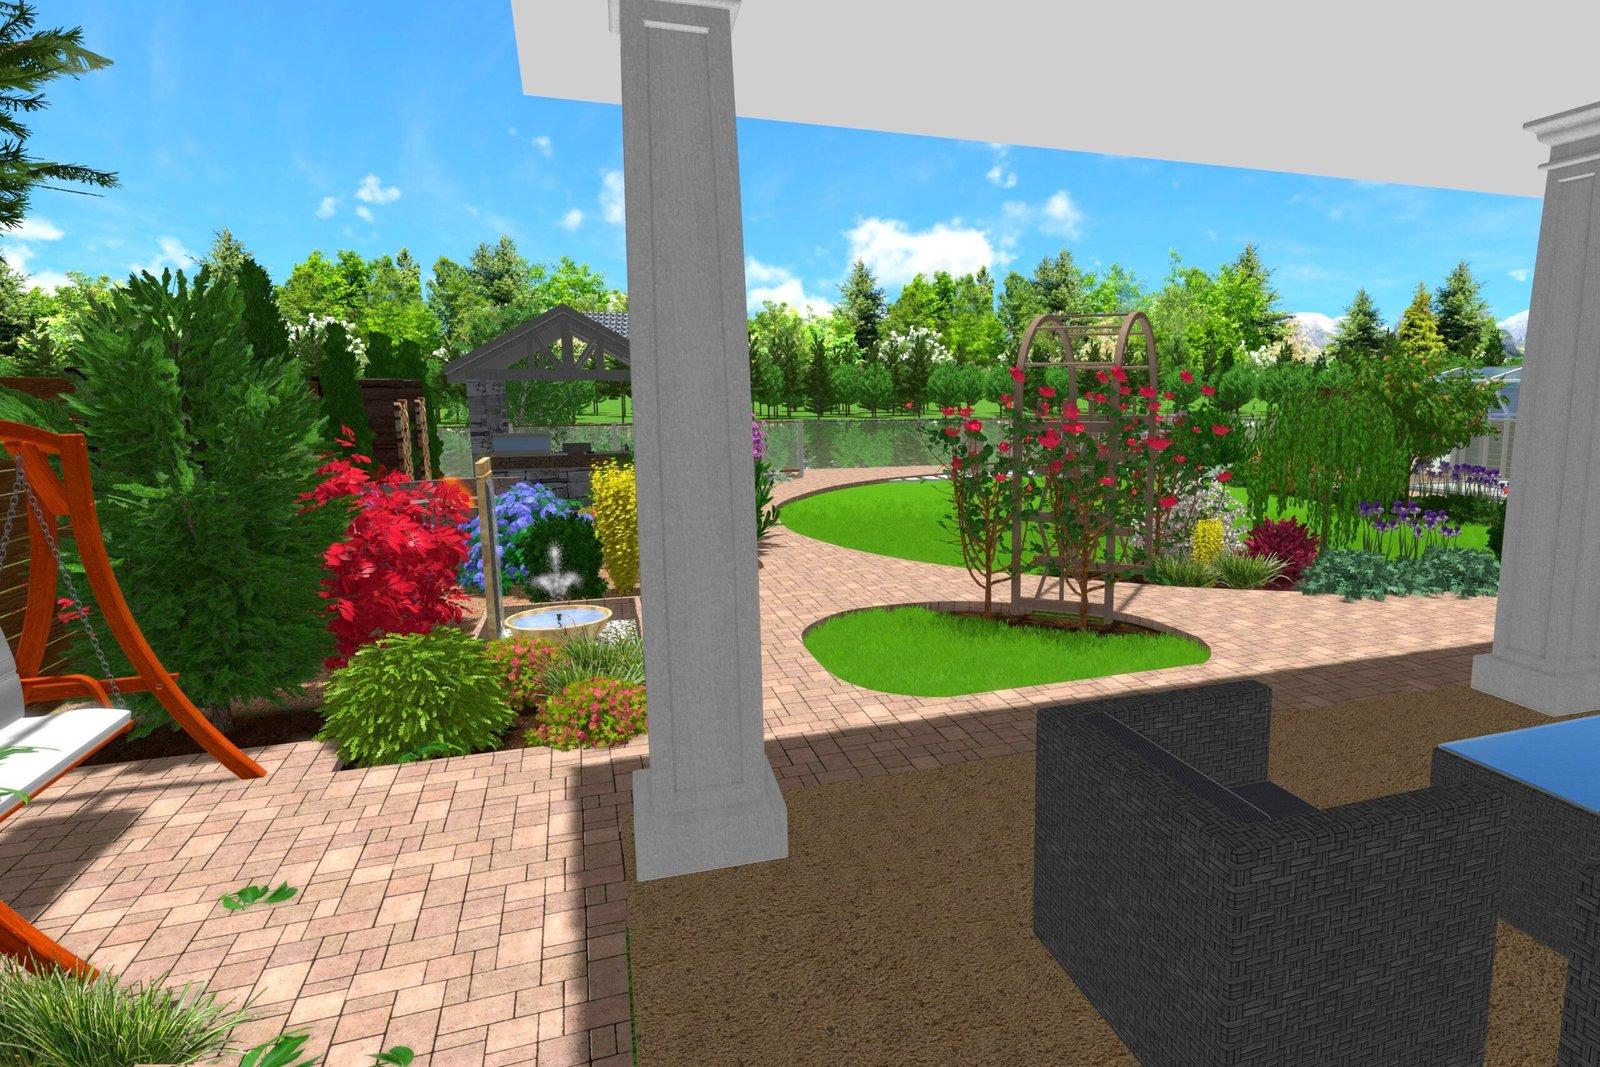 газон в мавританском стиле, безупречный газон, Цена на ландшафтный дизайн,